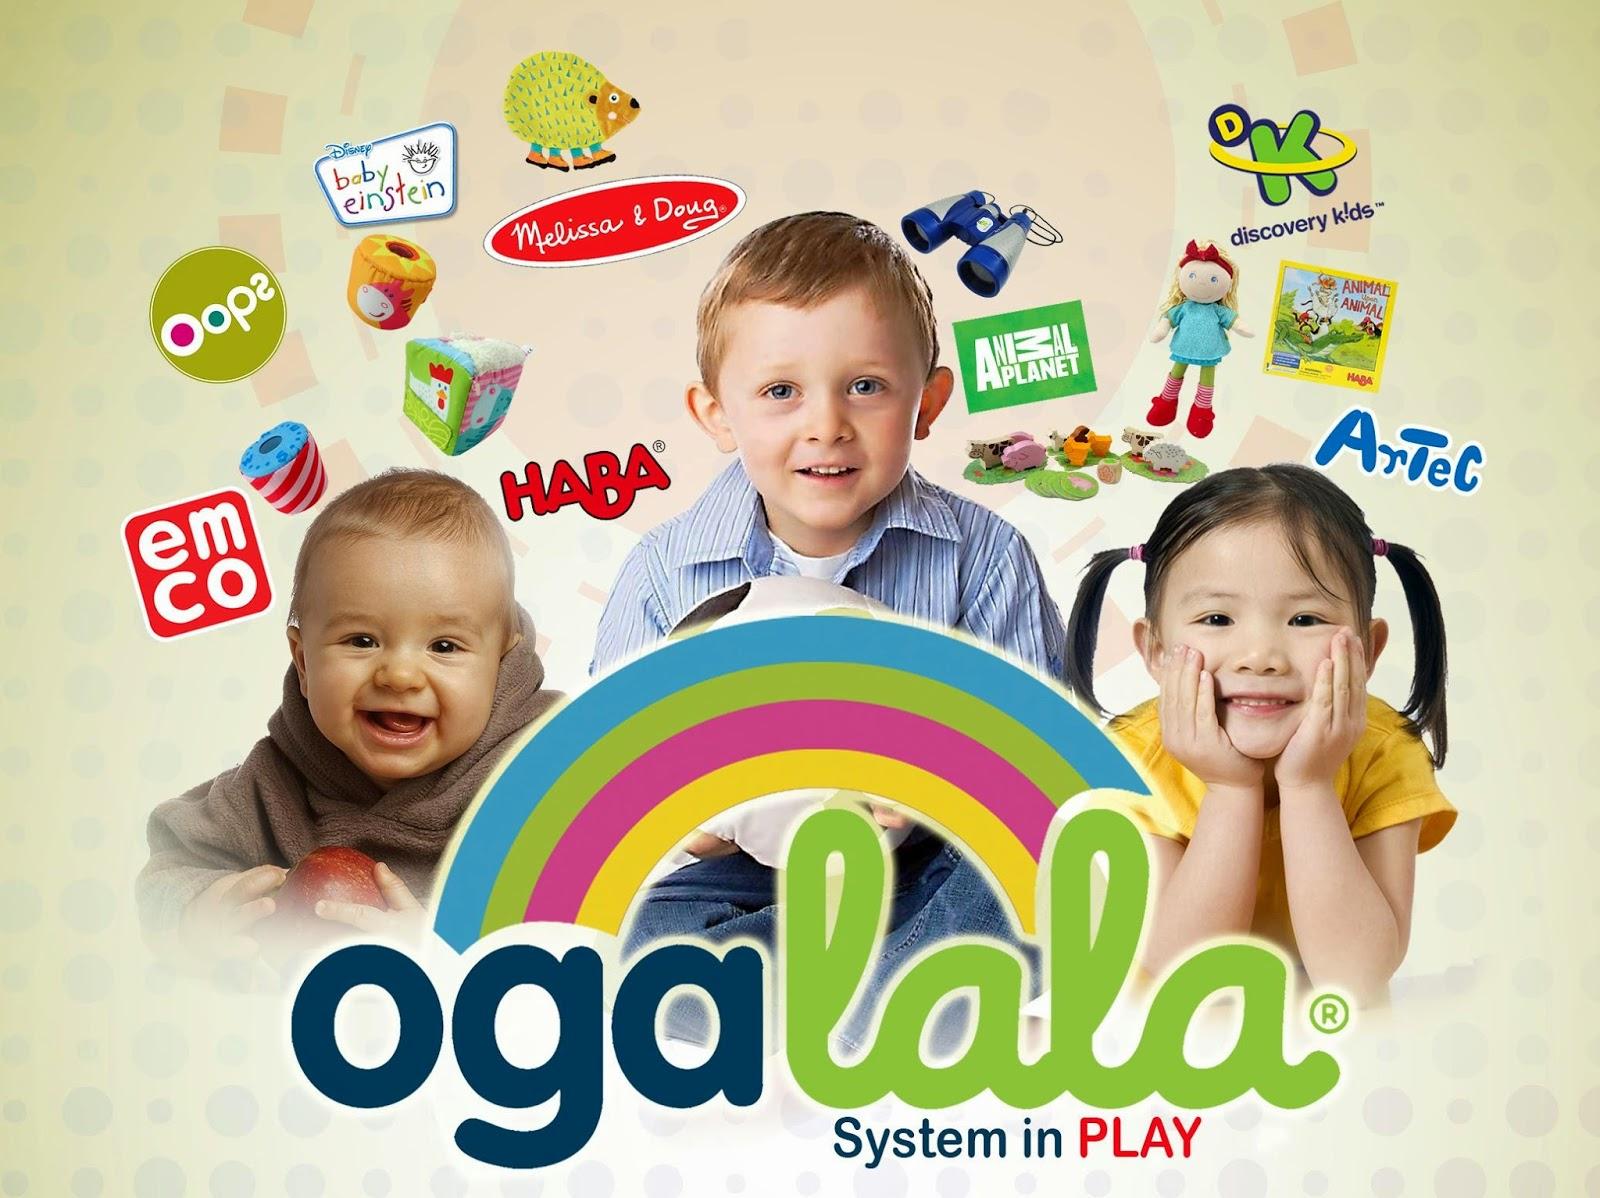 Maye Yao Co Say makes motherhood fun and fulfilling with Ogalala